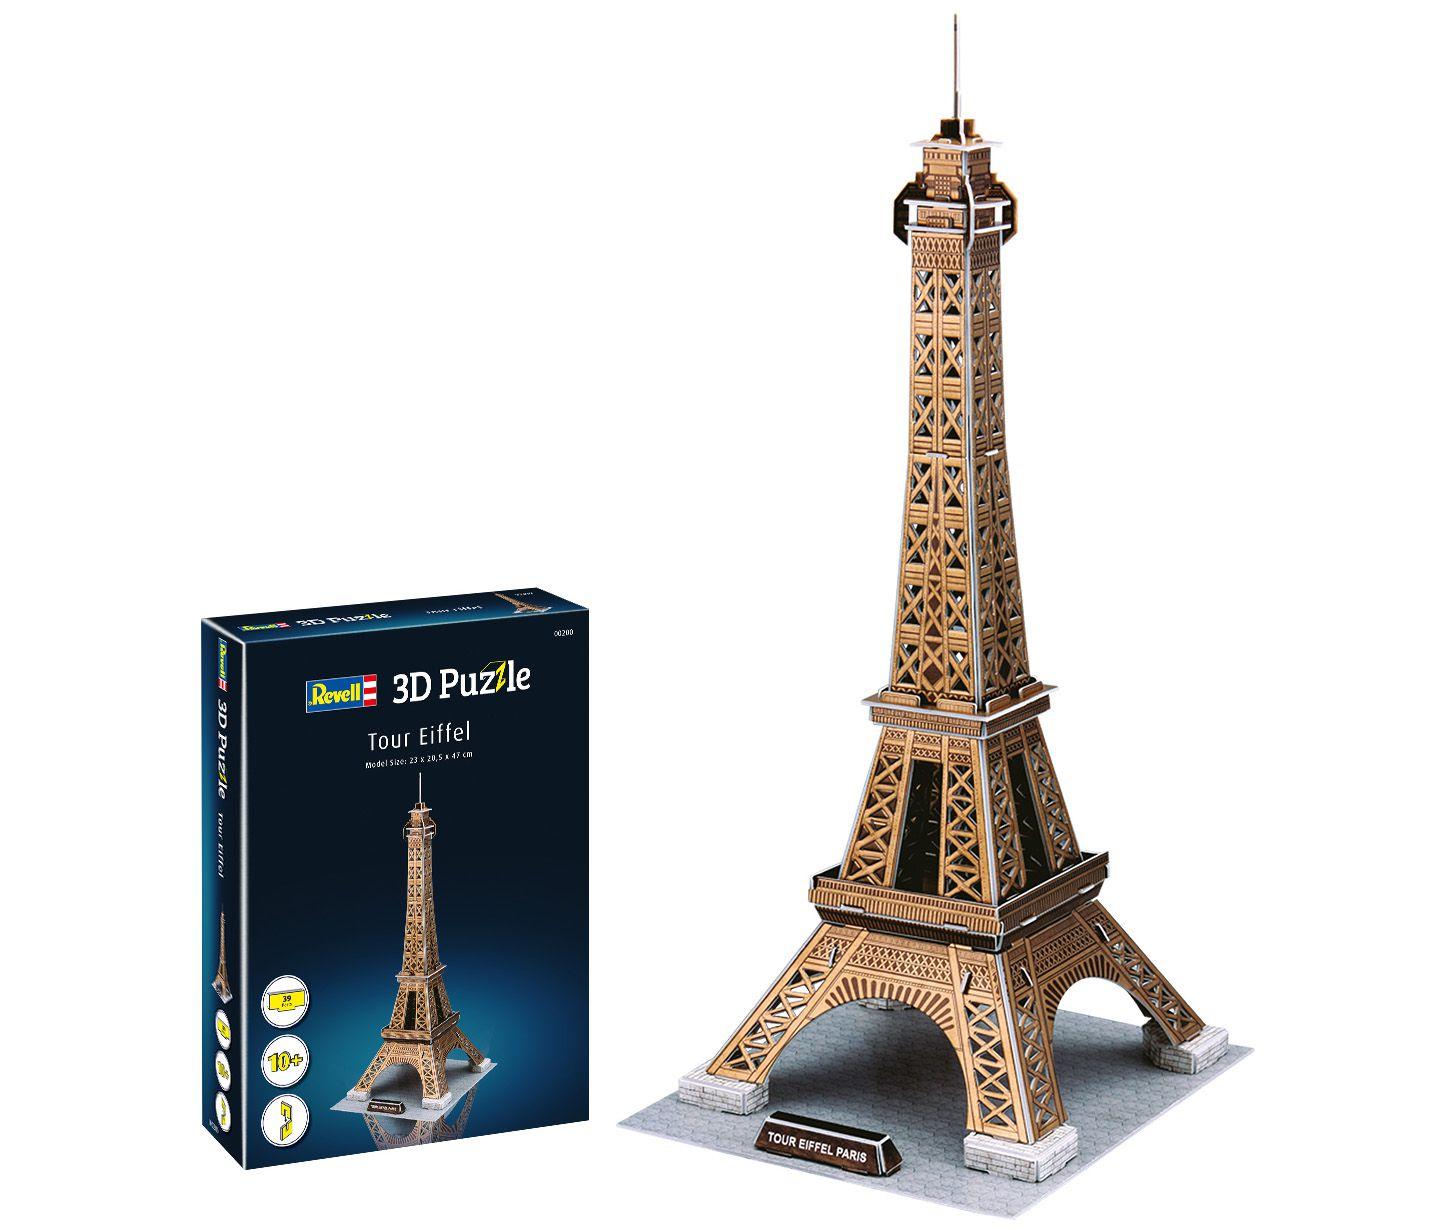 Quebra-cabeça 3D (3D Puzzle) Torre Eiffel - Revell 00200  - BLIMPS COMÉRCIO ELETRÔNICO